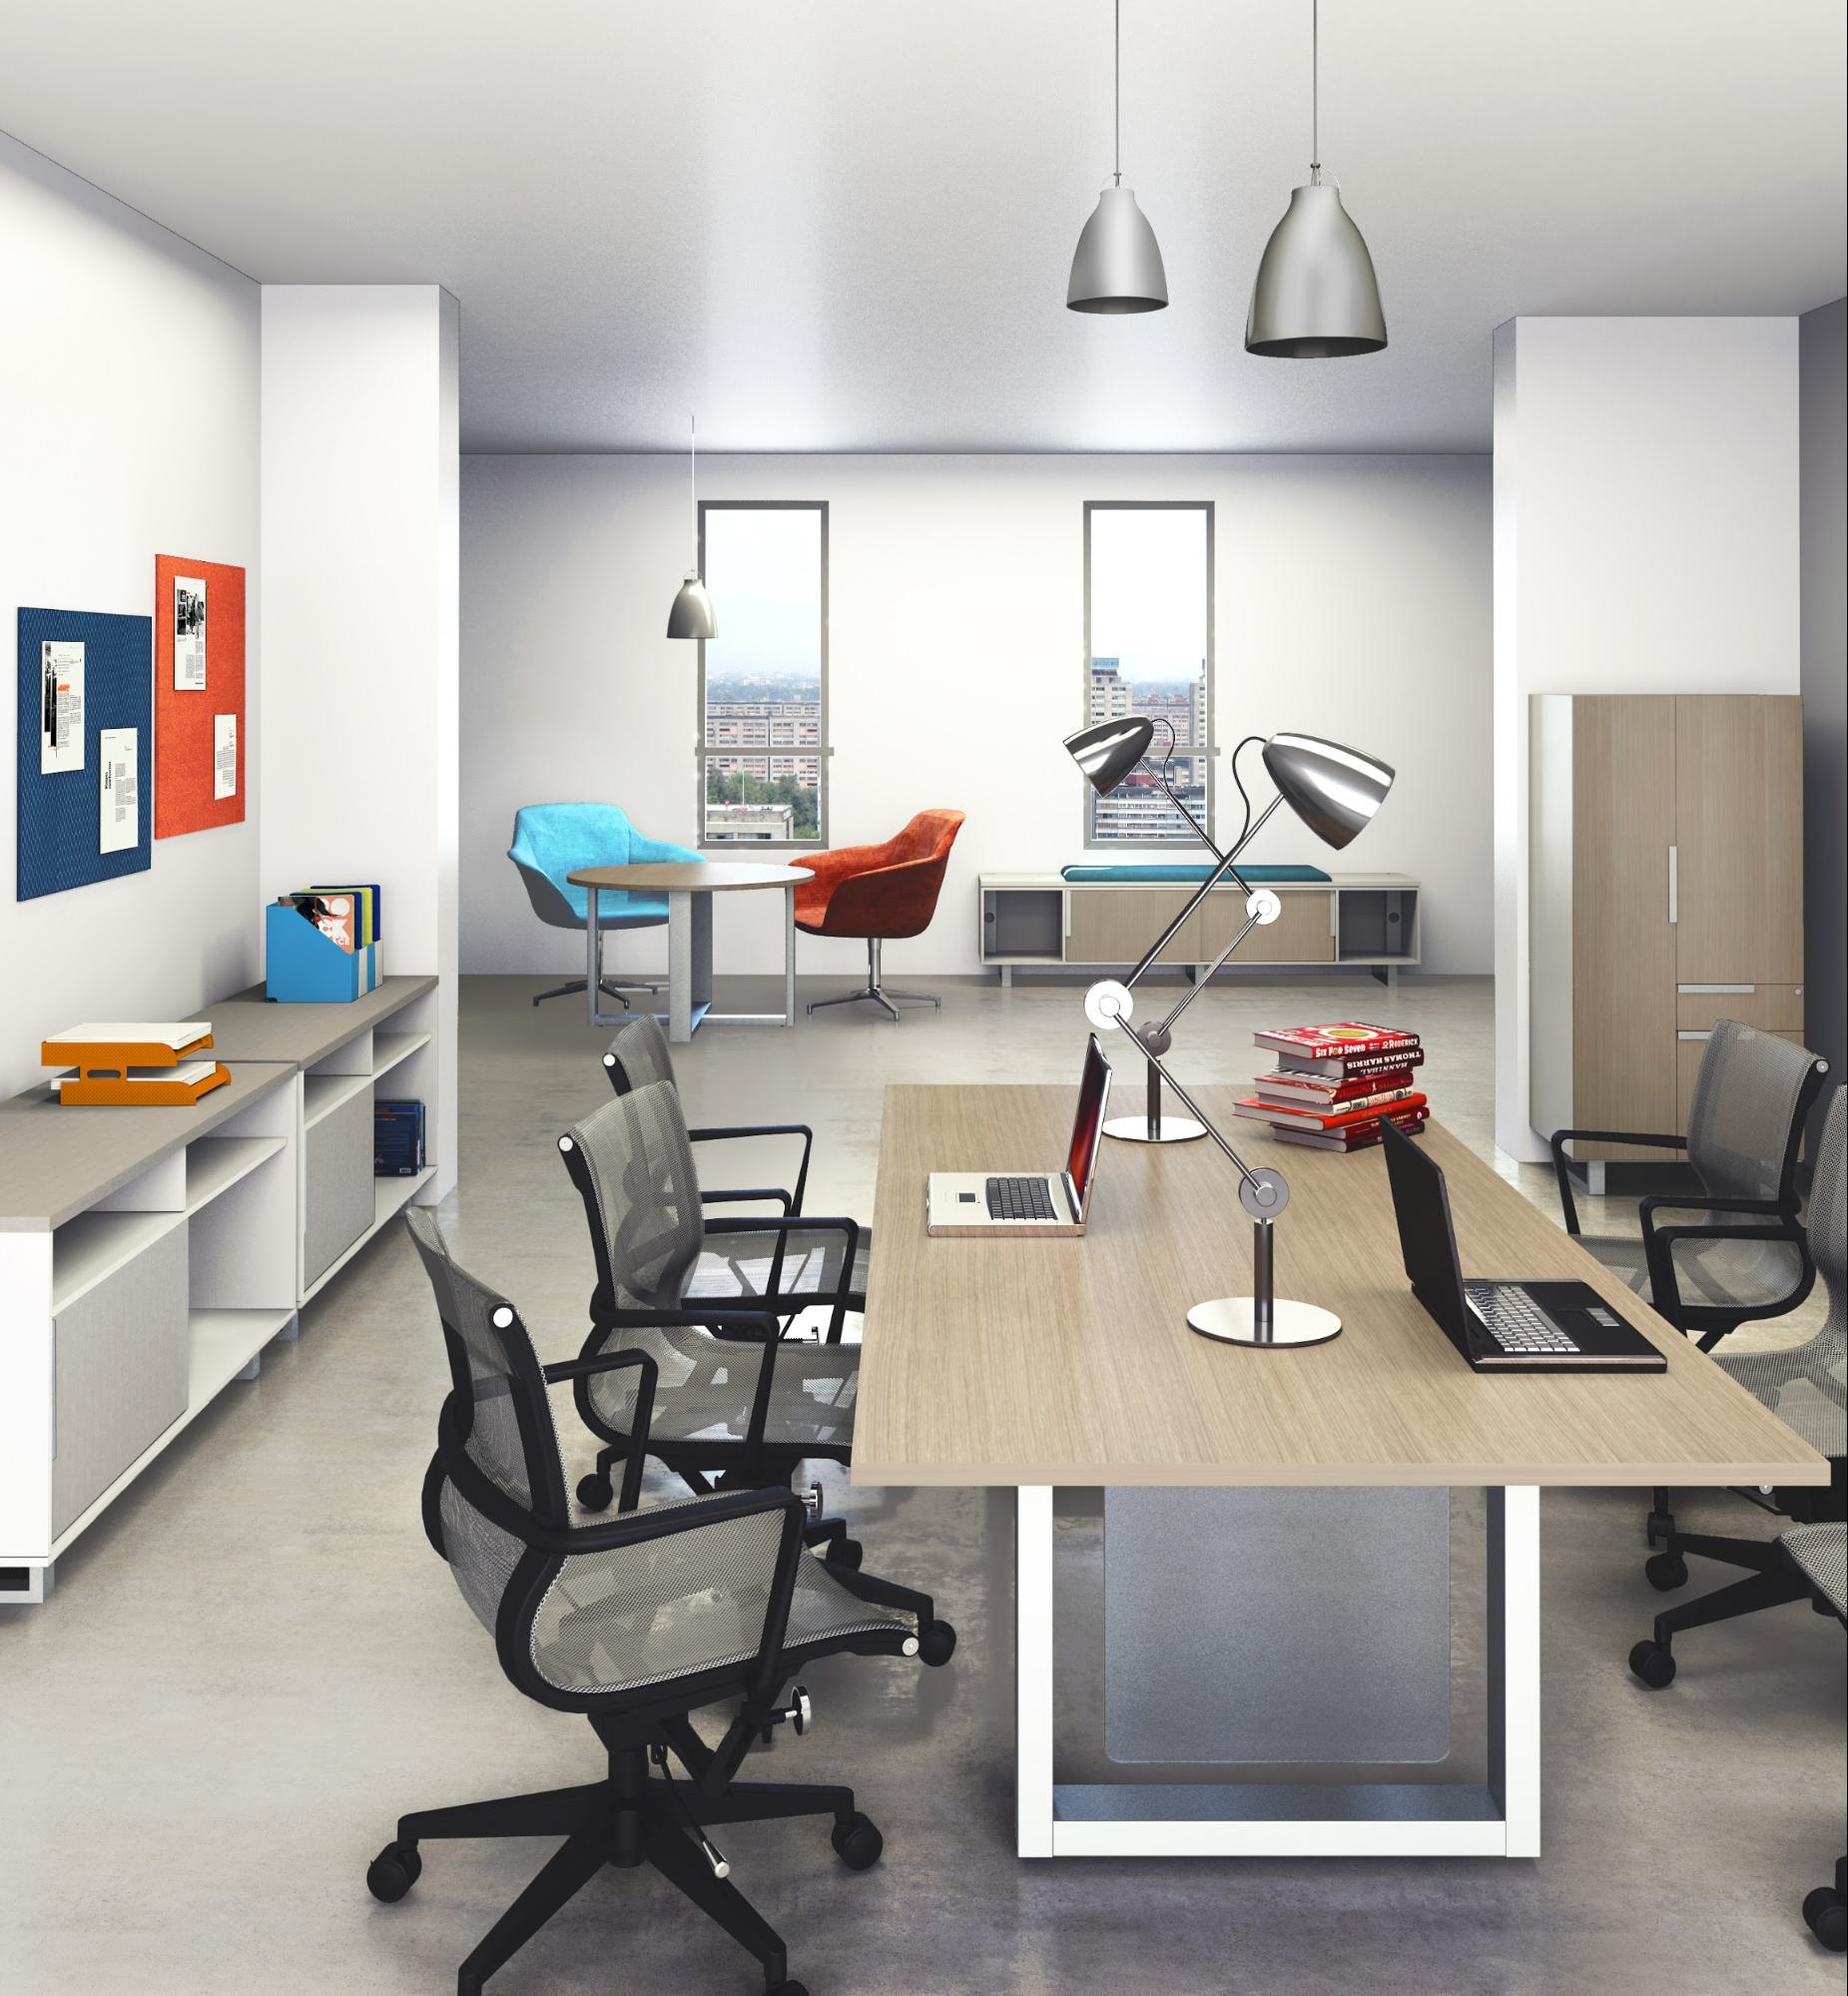 muebles-electrificados-g-connect